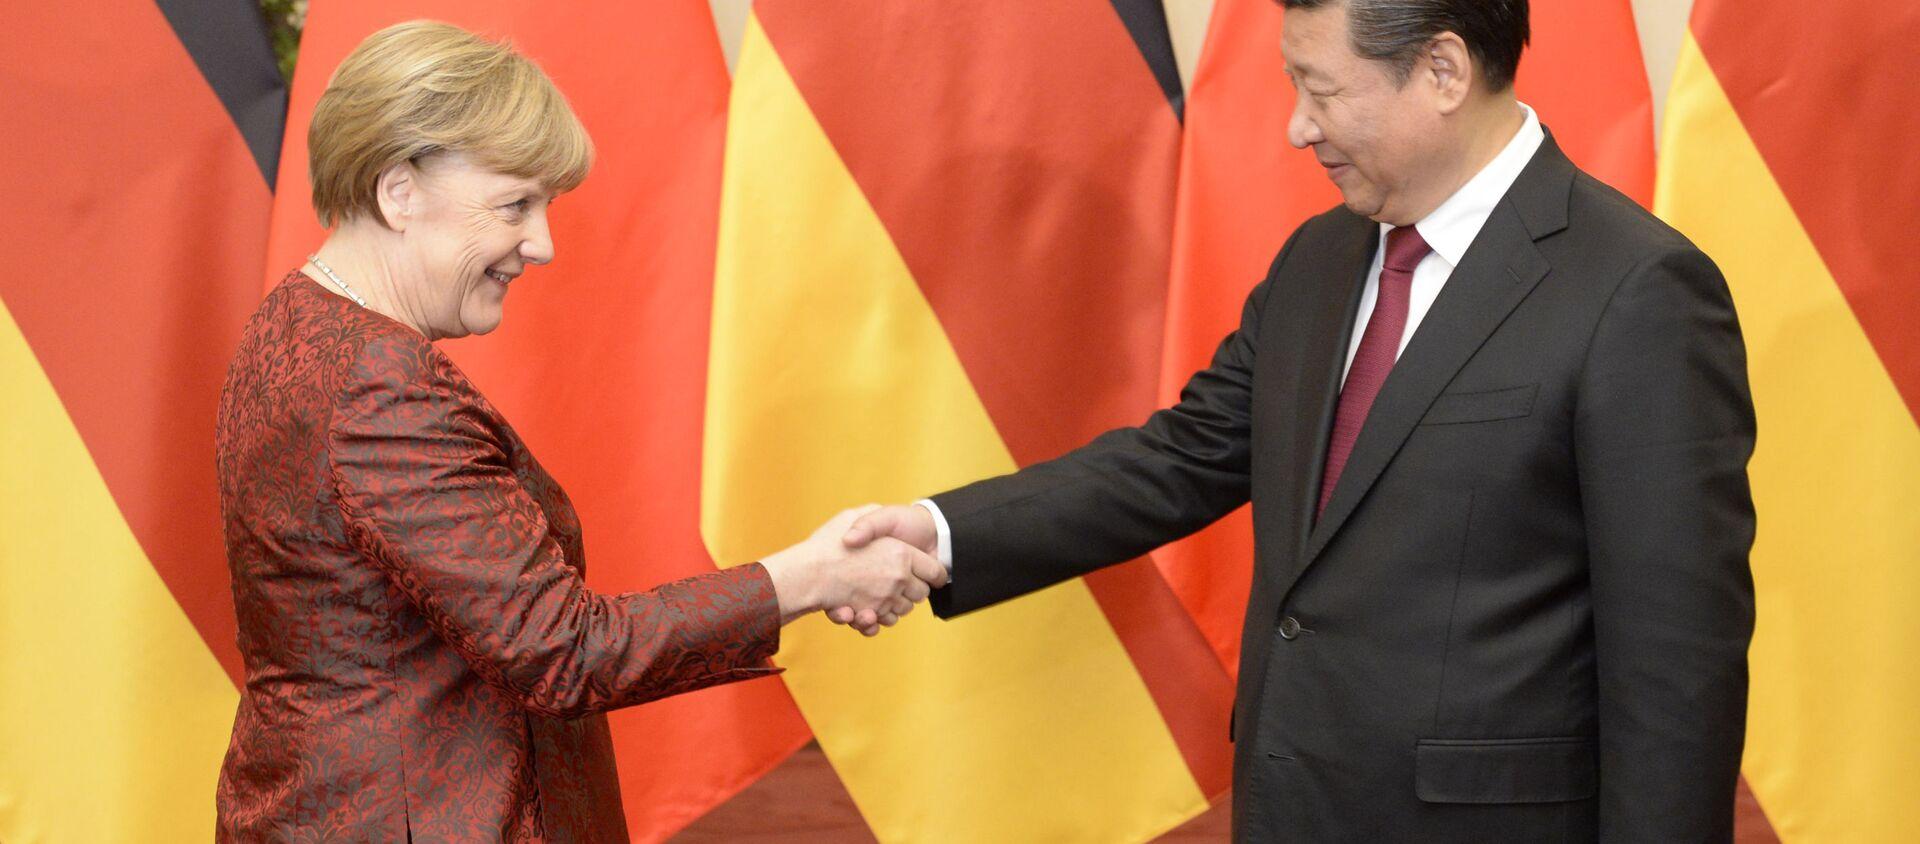 Bà Merkel và ông Tập Cận Bình. - Sputnik Việt Nam, 1920, 23.07.2020